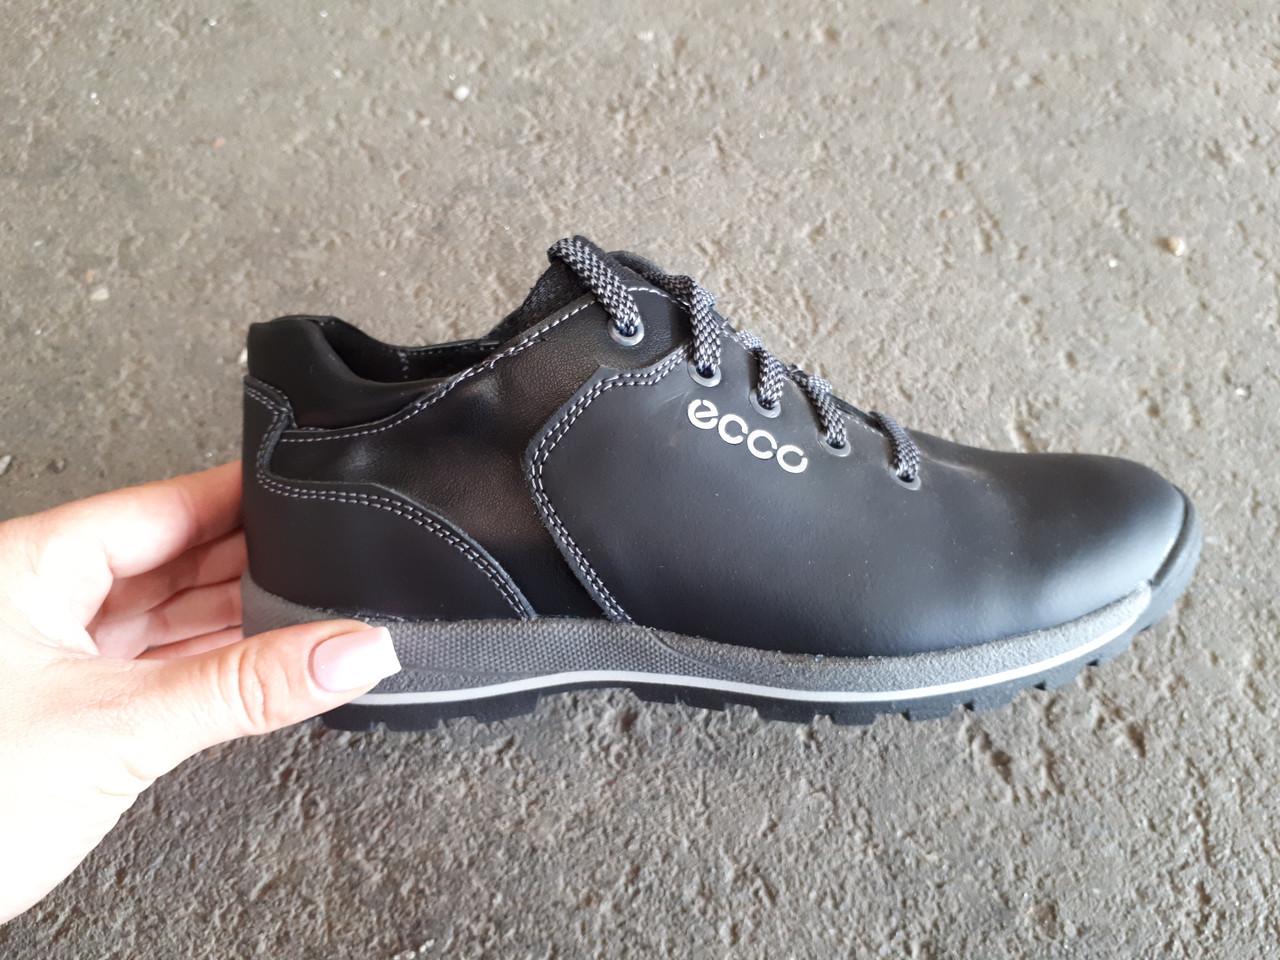 b932c0b737291f Украина, фото 3 Подростковые кожаные кроссовки ECCO. Украина, фото 4